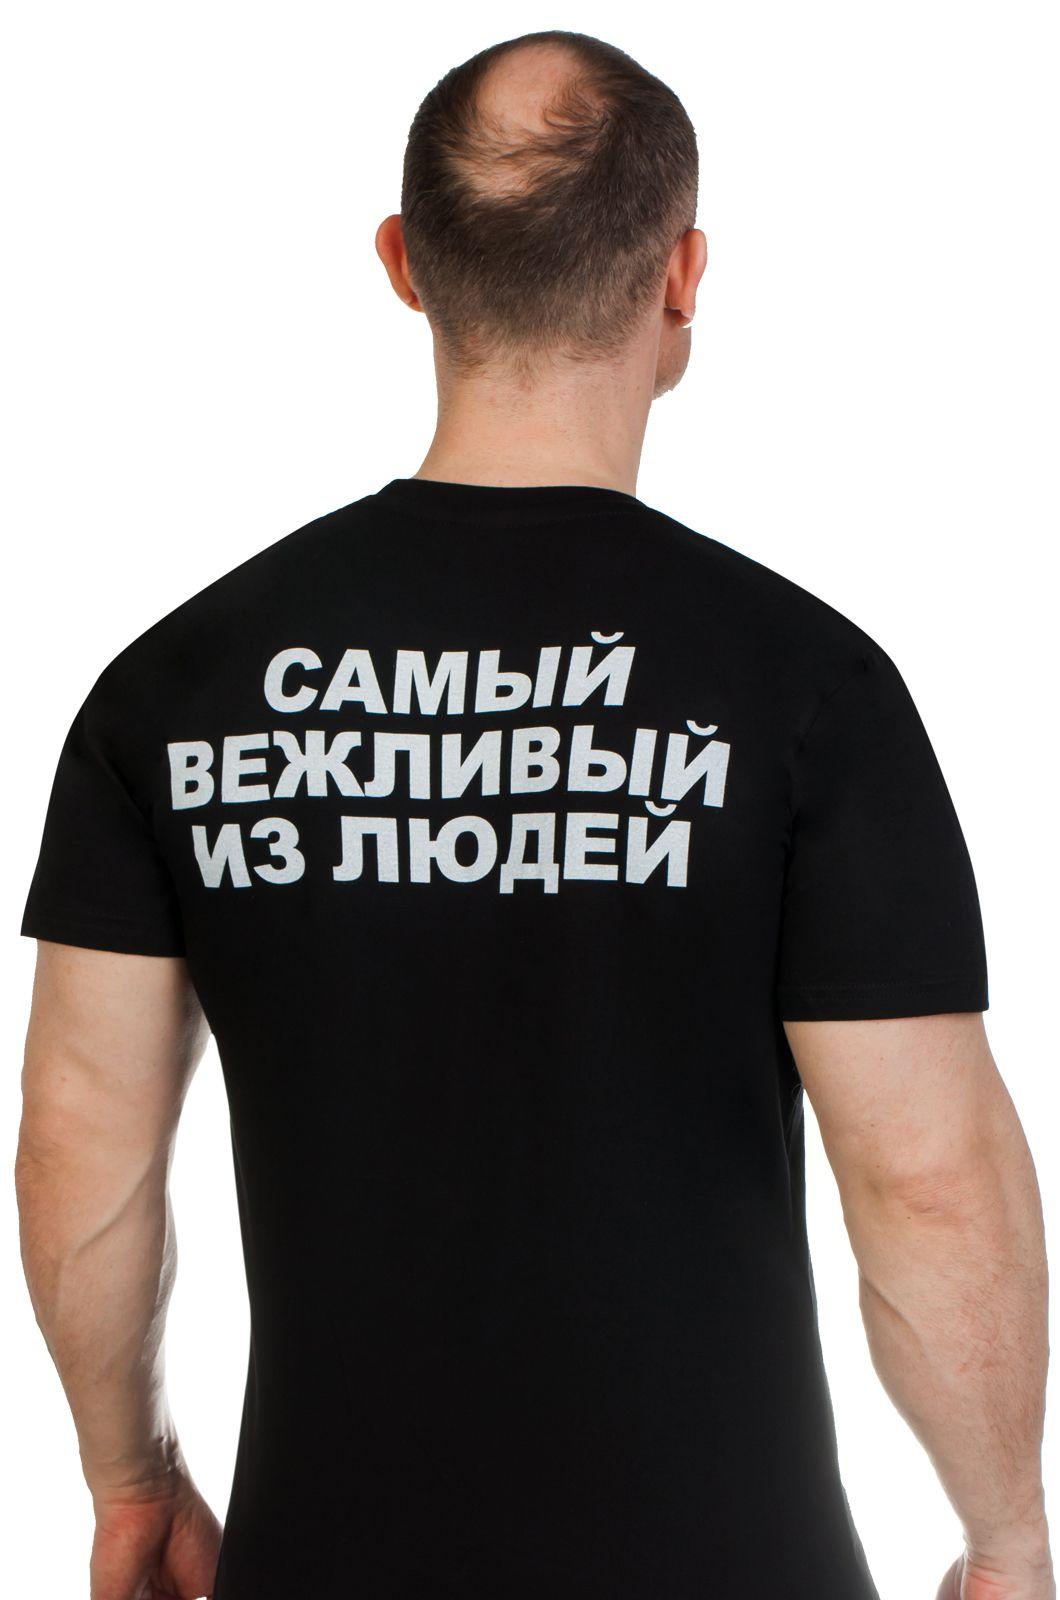 Футболка с Путиным в очках по выгодной цене